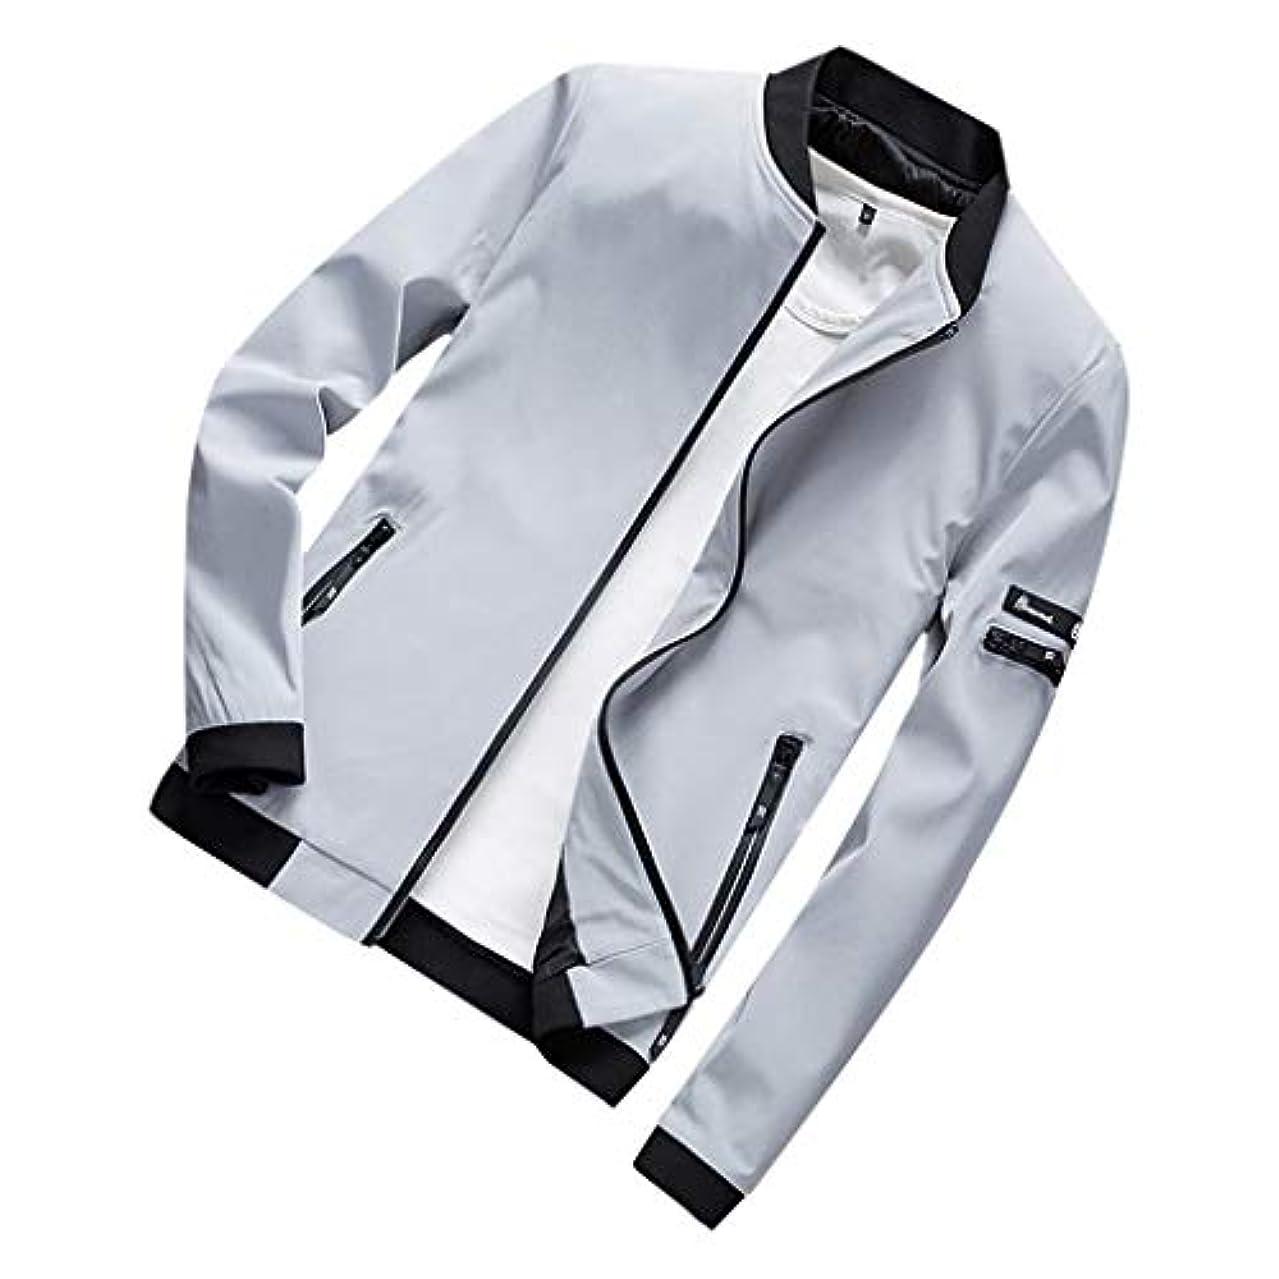 運搬無能炭素ジャケット メンズ コート ブルゾン 秋 冬 防水 無地 カジュアル 綿 大きいサイズ アウター 黒 ストレッチ ビジネスシャツ 細身 ジャケット